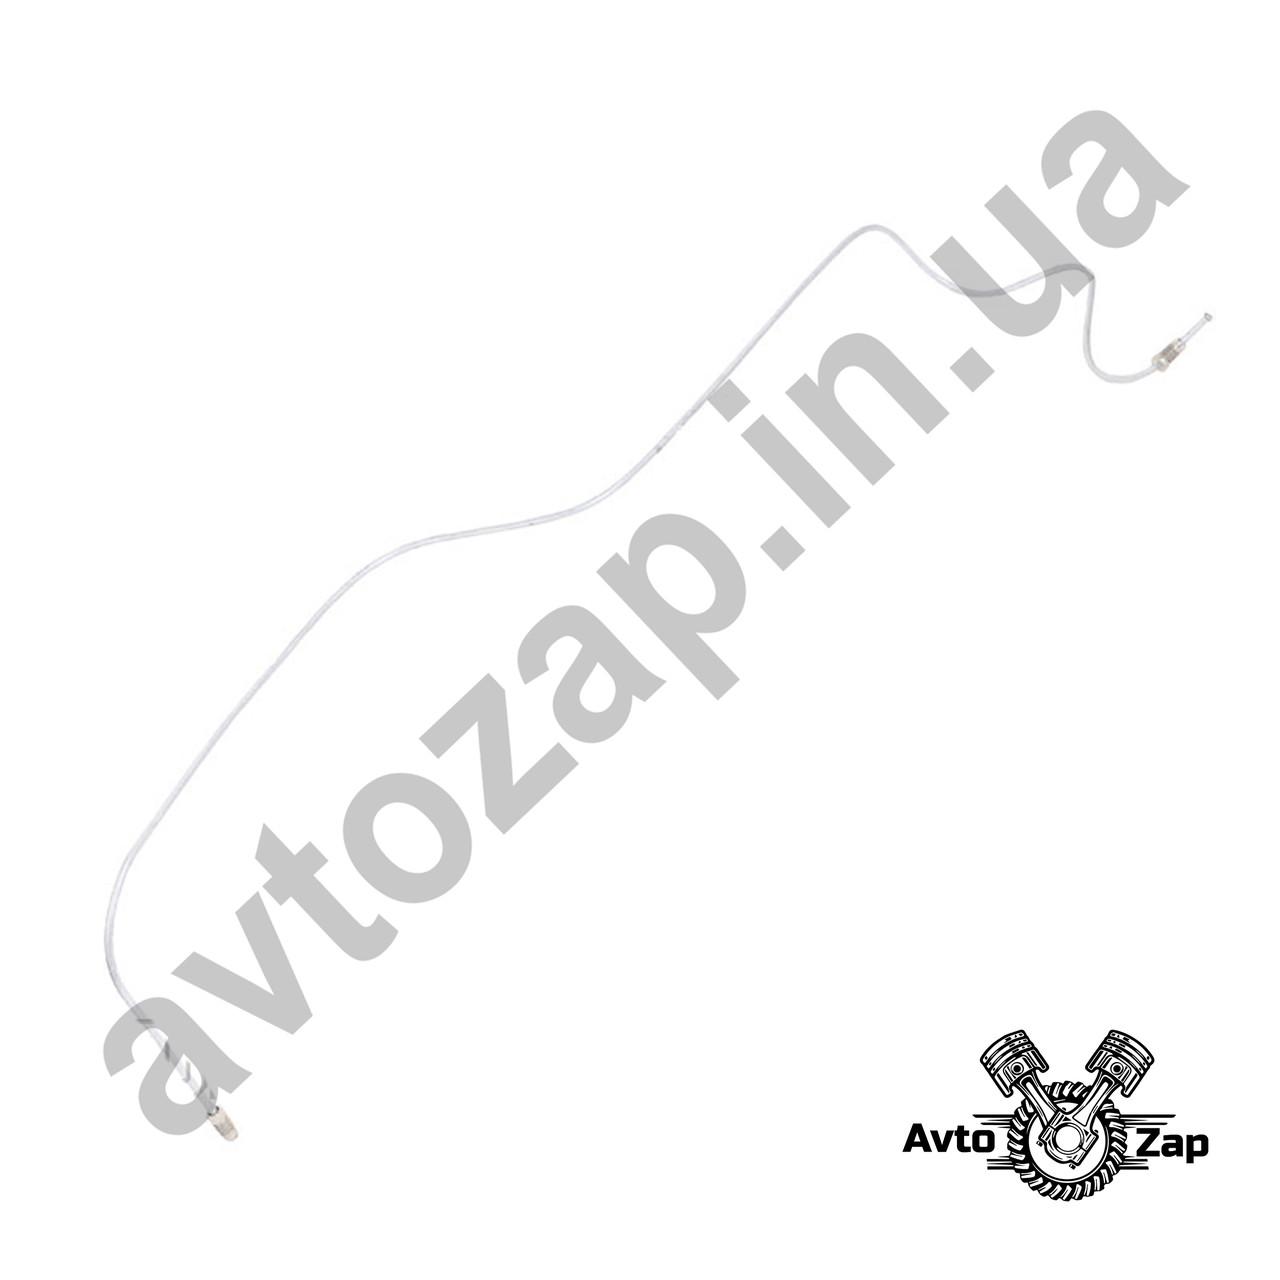 Трубка тормозная передняя ВАЗ 2101 прав.    22421